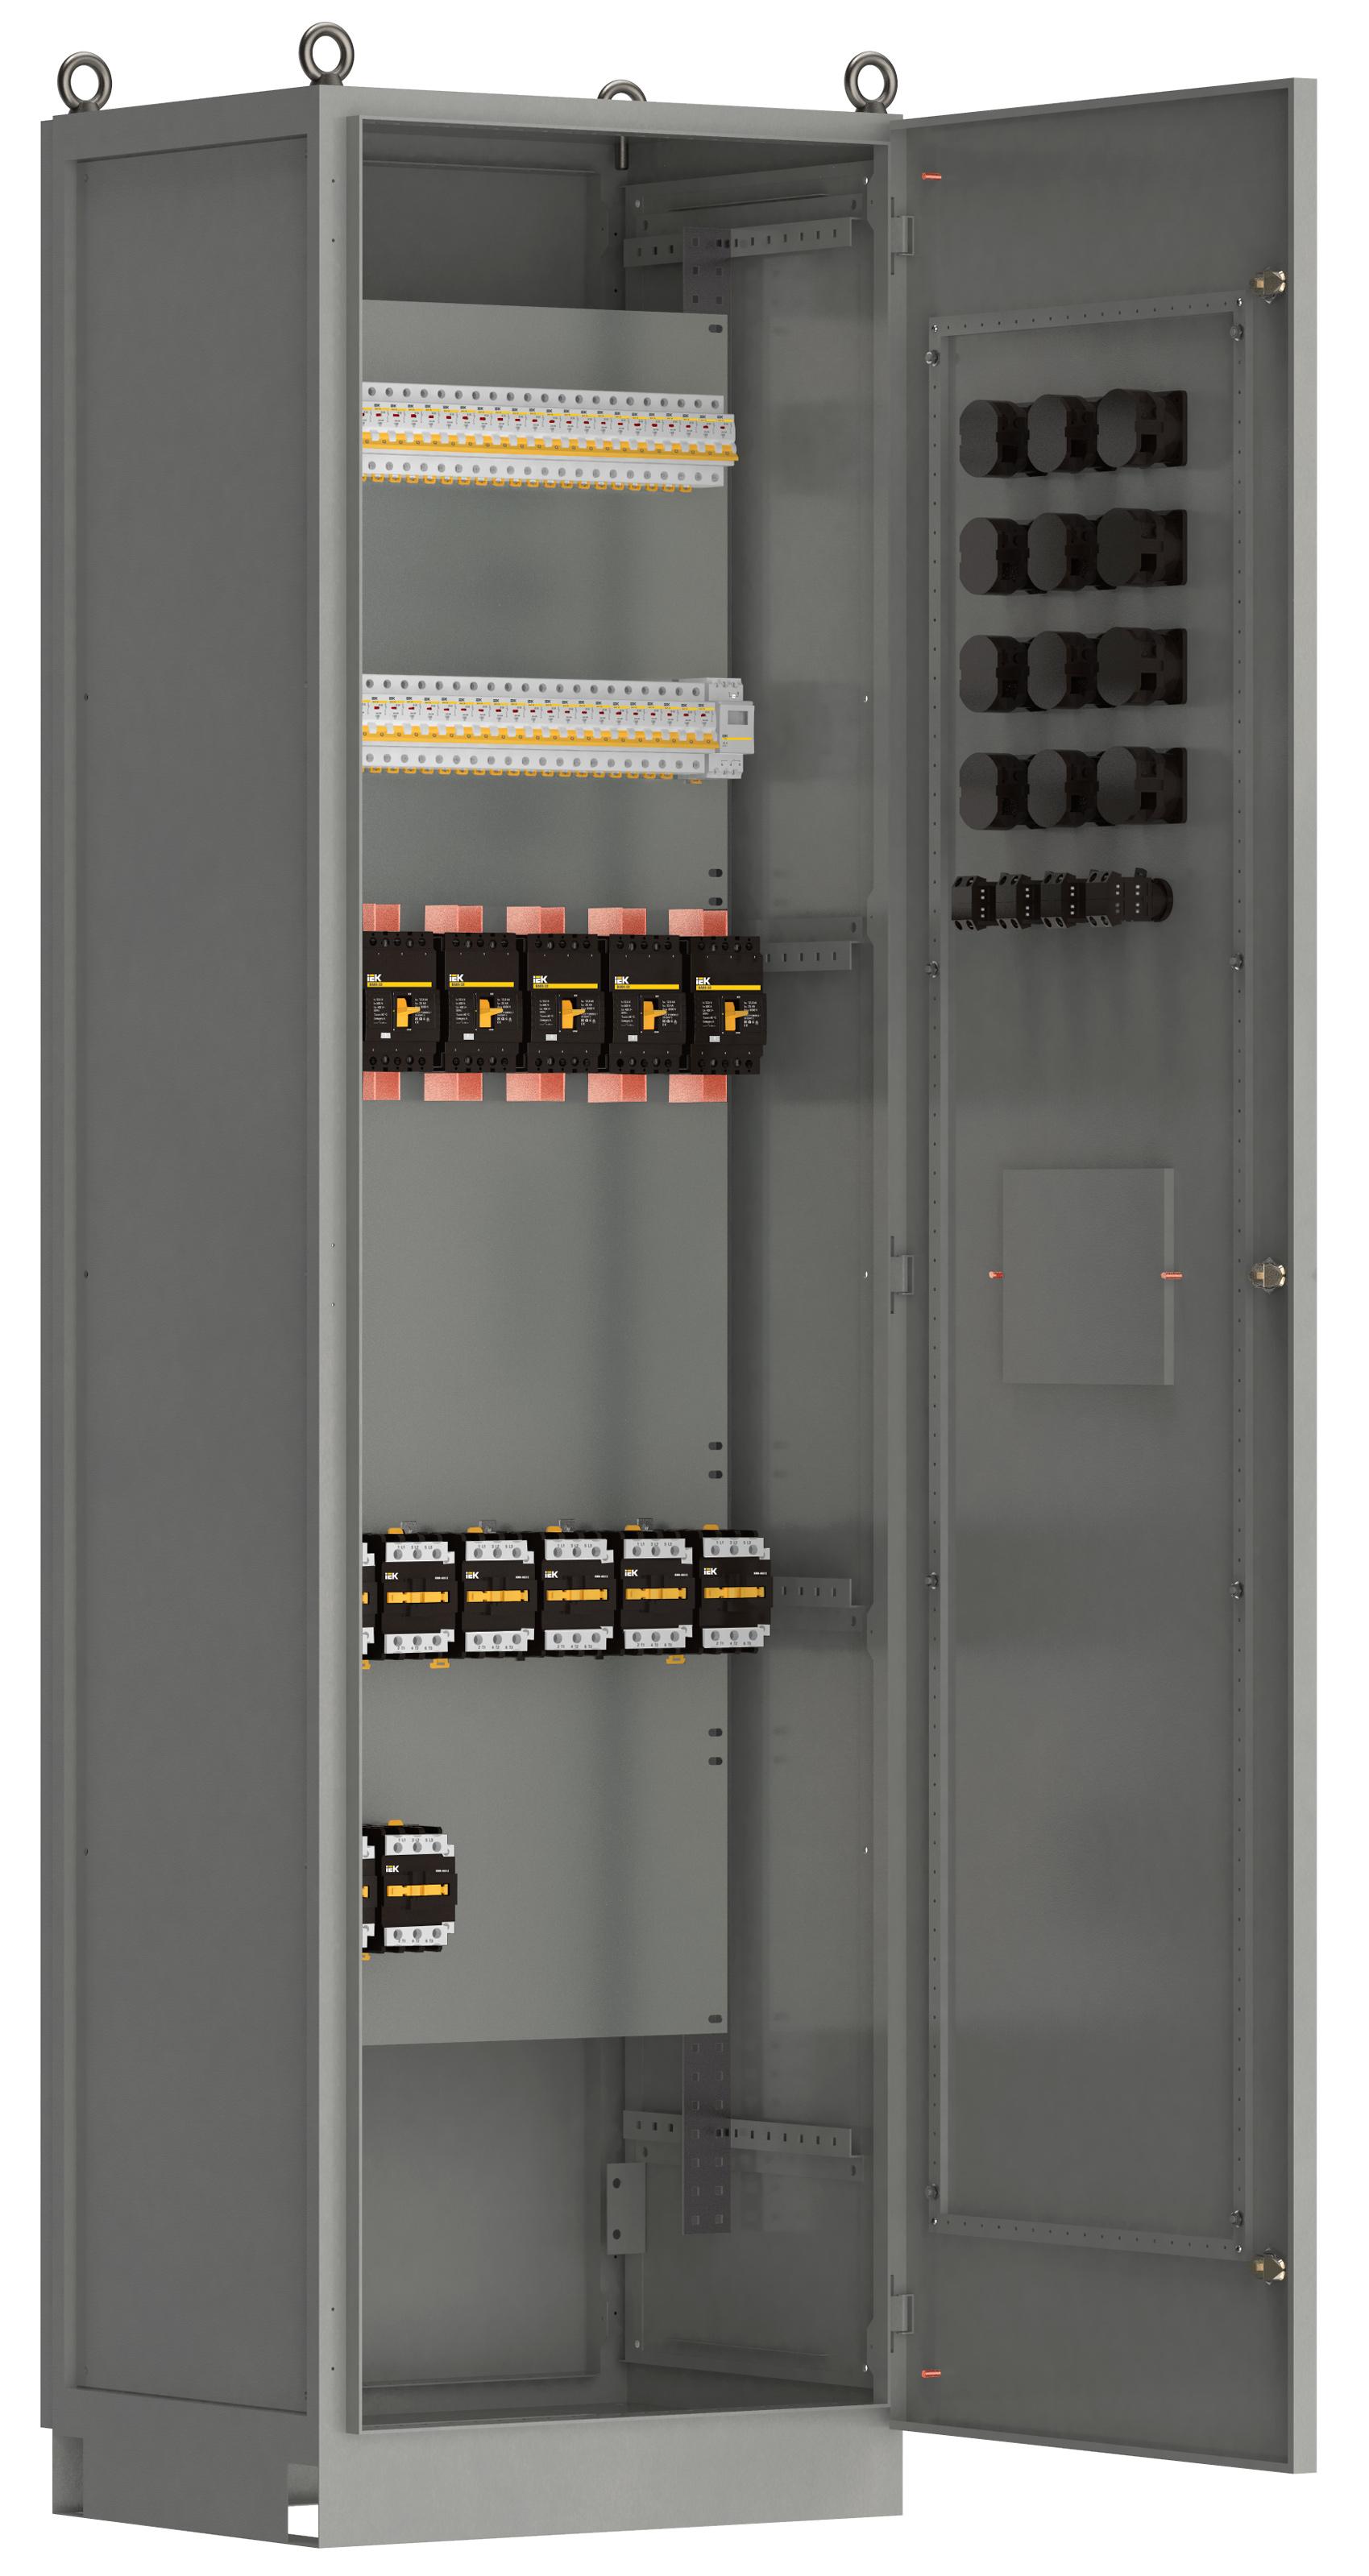 Панель распределительная ВРУ-8503 2Р-105-30 рубильник 1х250А выключатели автоматические 1Р 30х63А 3Р 4х63А контакторы 5х65А IEK